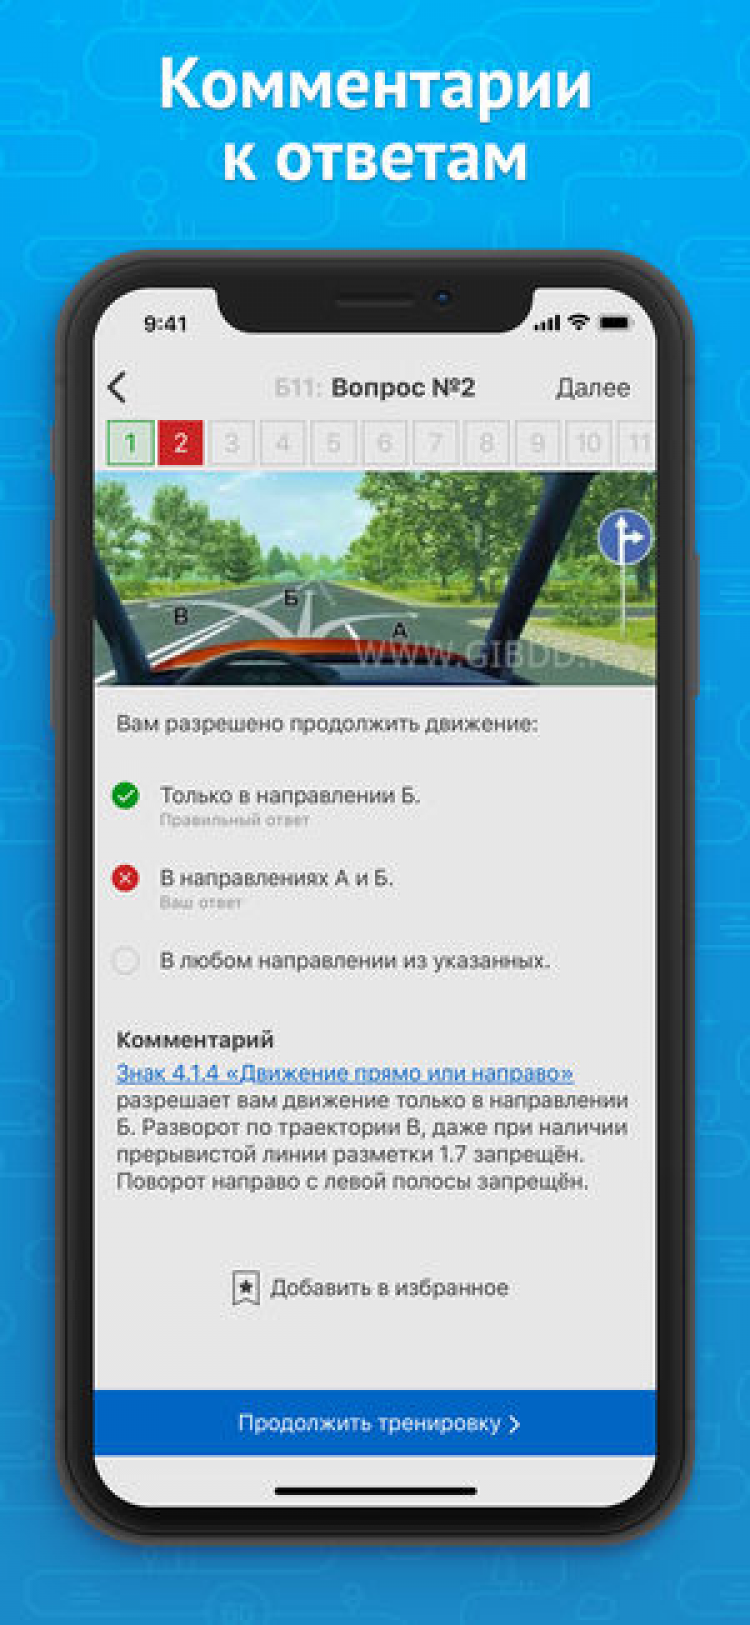 Пдд украины 2019 – скачать приложение для андроид бесплатно.